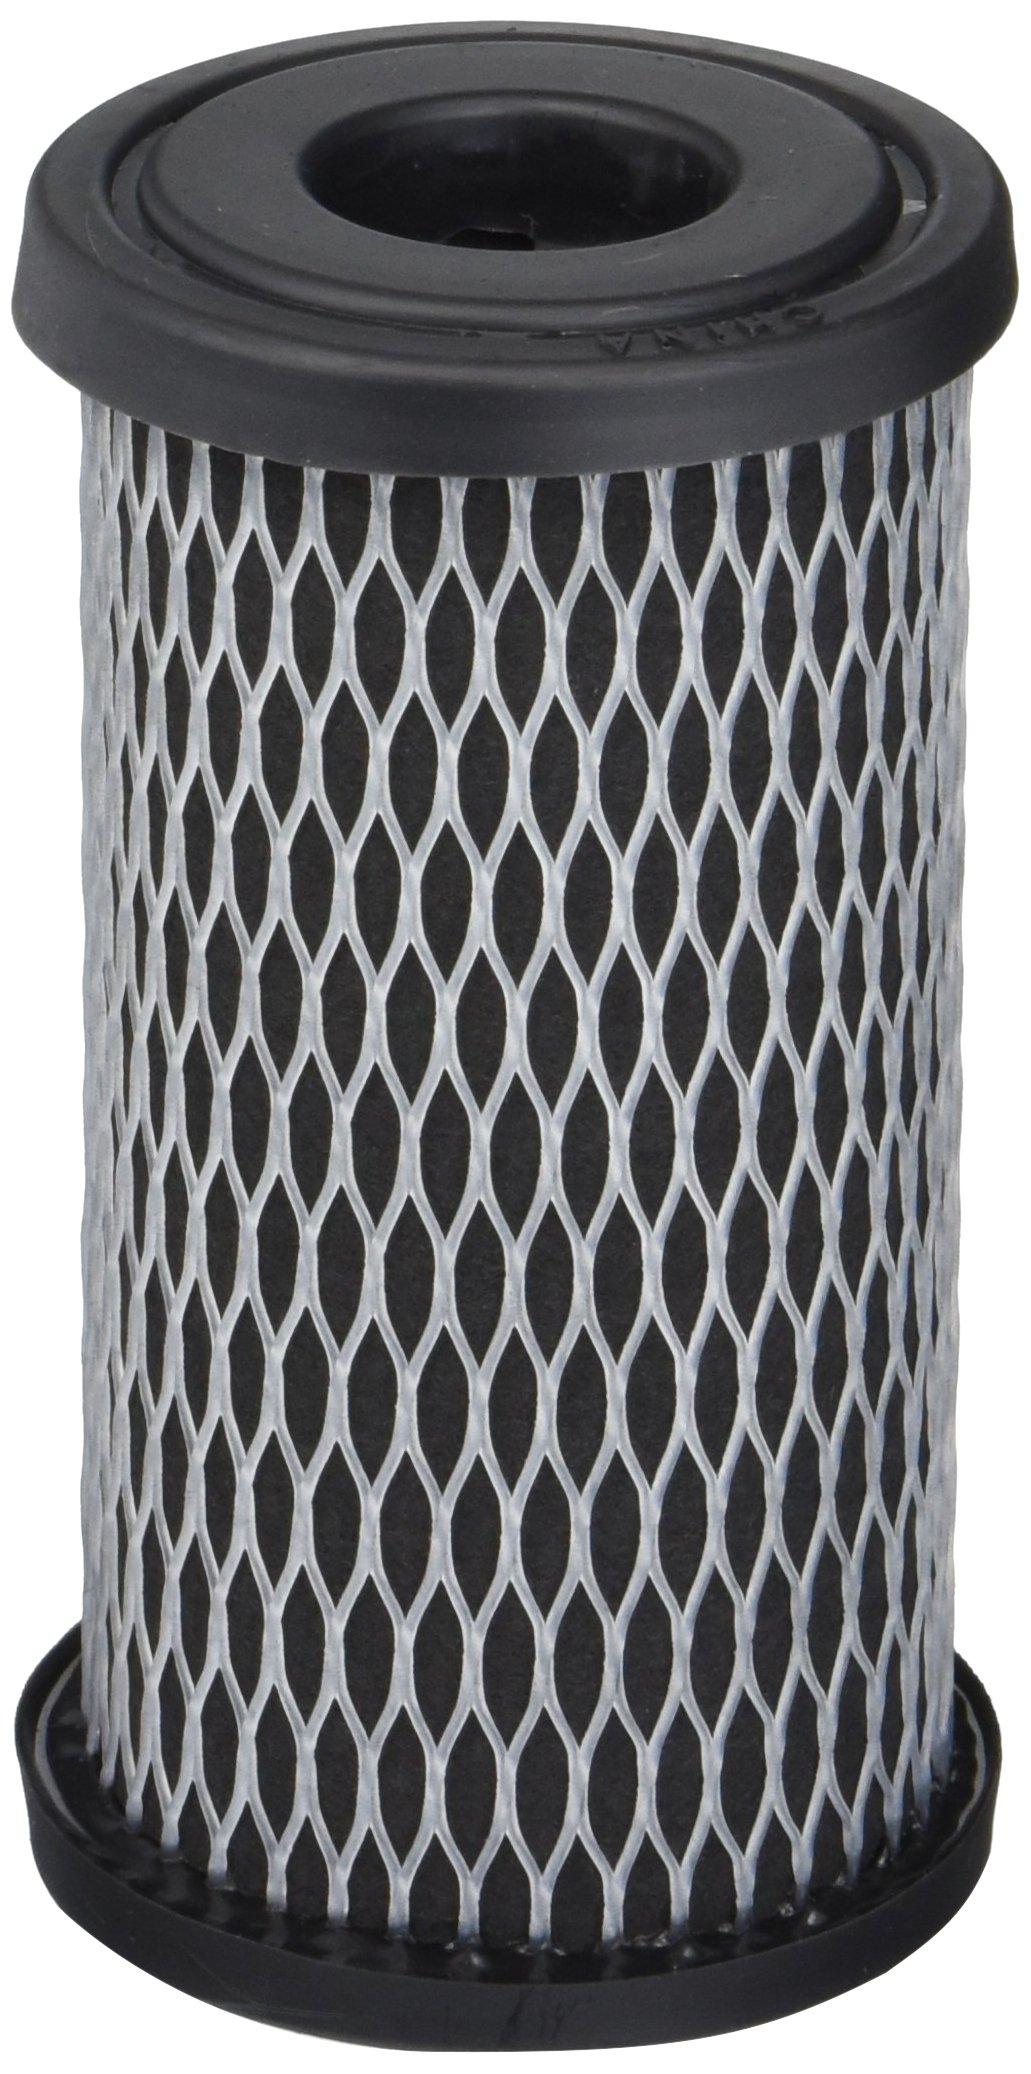 Water Filter Taste and Odor Cartridges 4.82'' W5CIP478 Taste/Odor/Sedi Pr